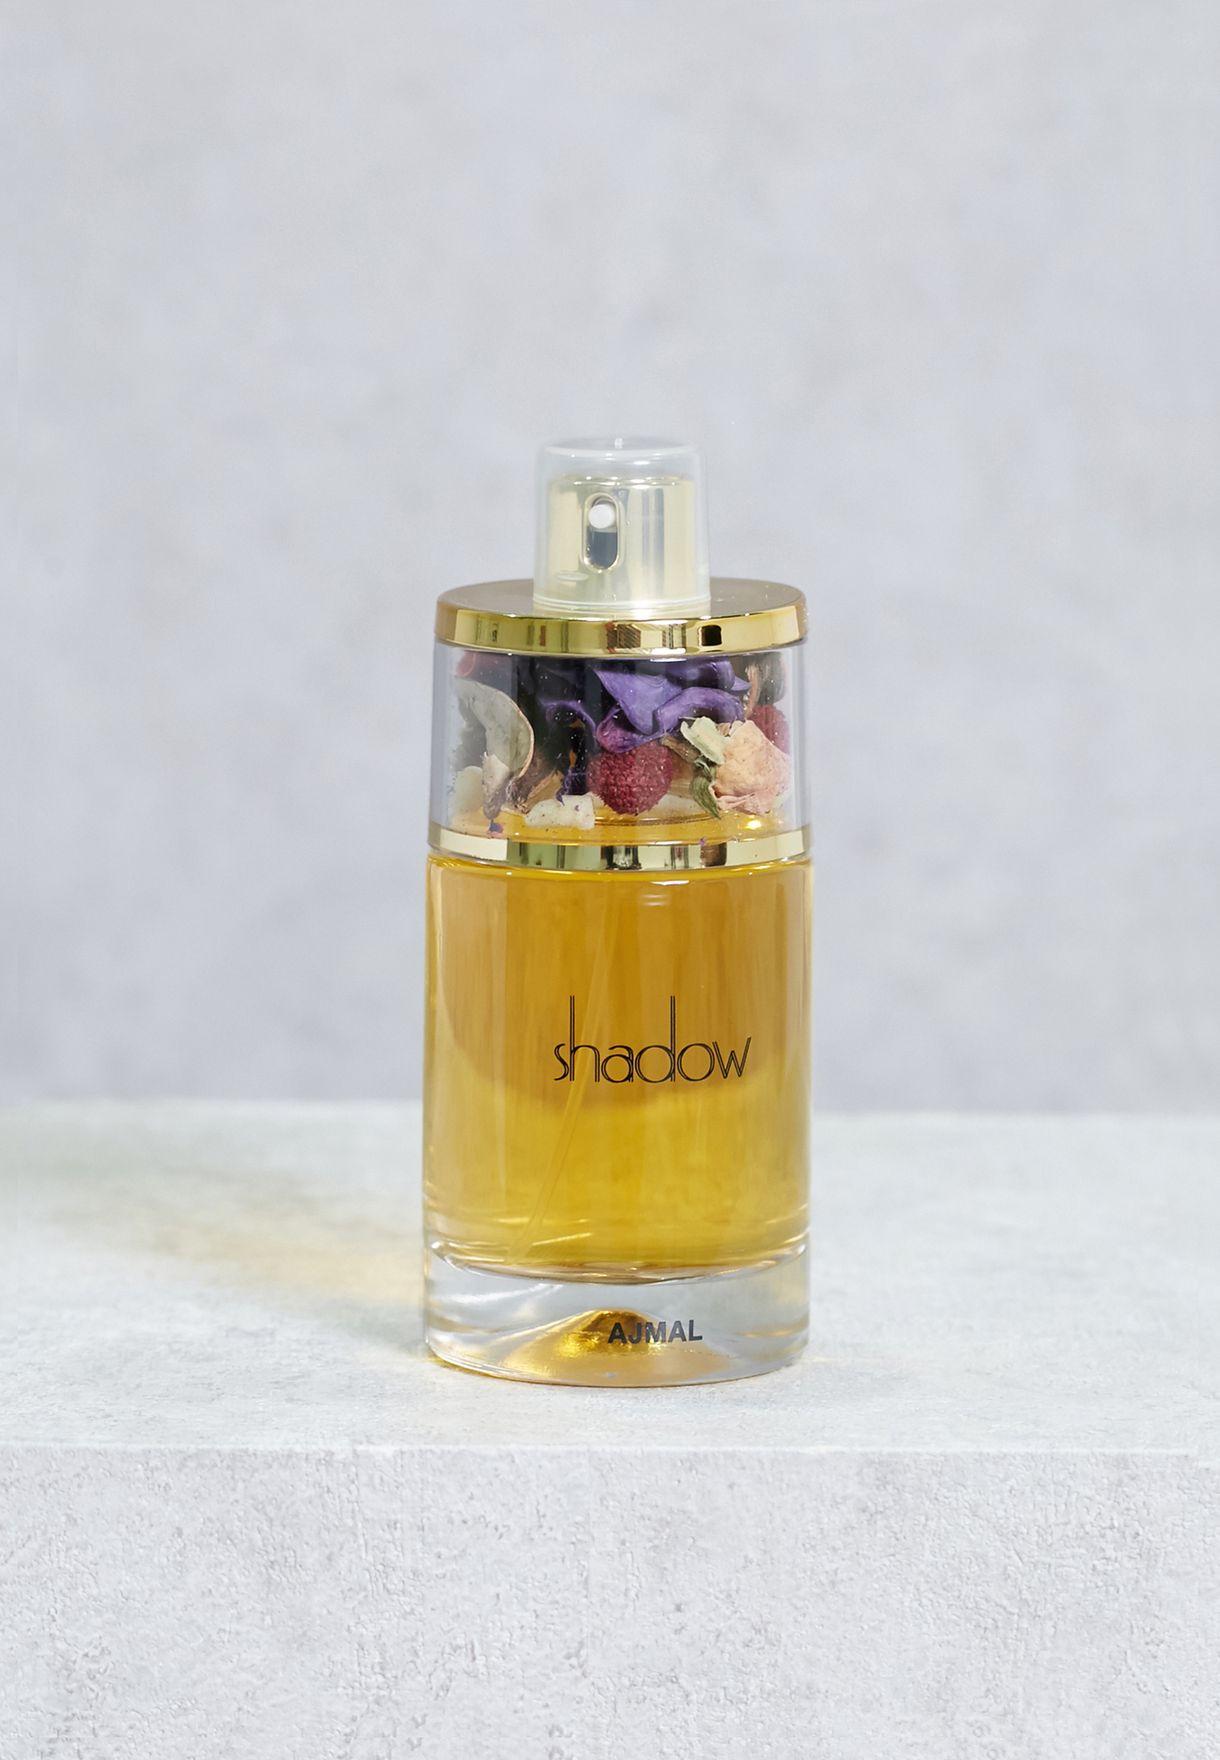 0221c5179 تسوق عطر شادو للنساء 75 مل ماركة أجمل لون ذهبي 6293708003600 في عمان ...